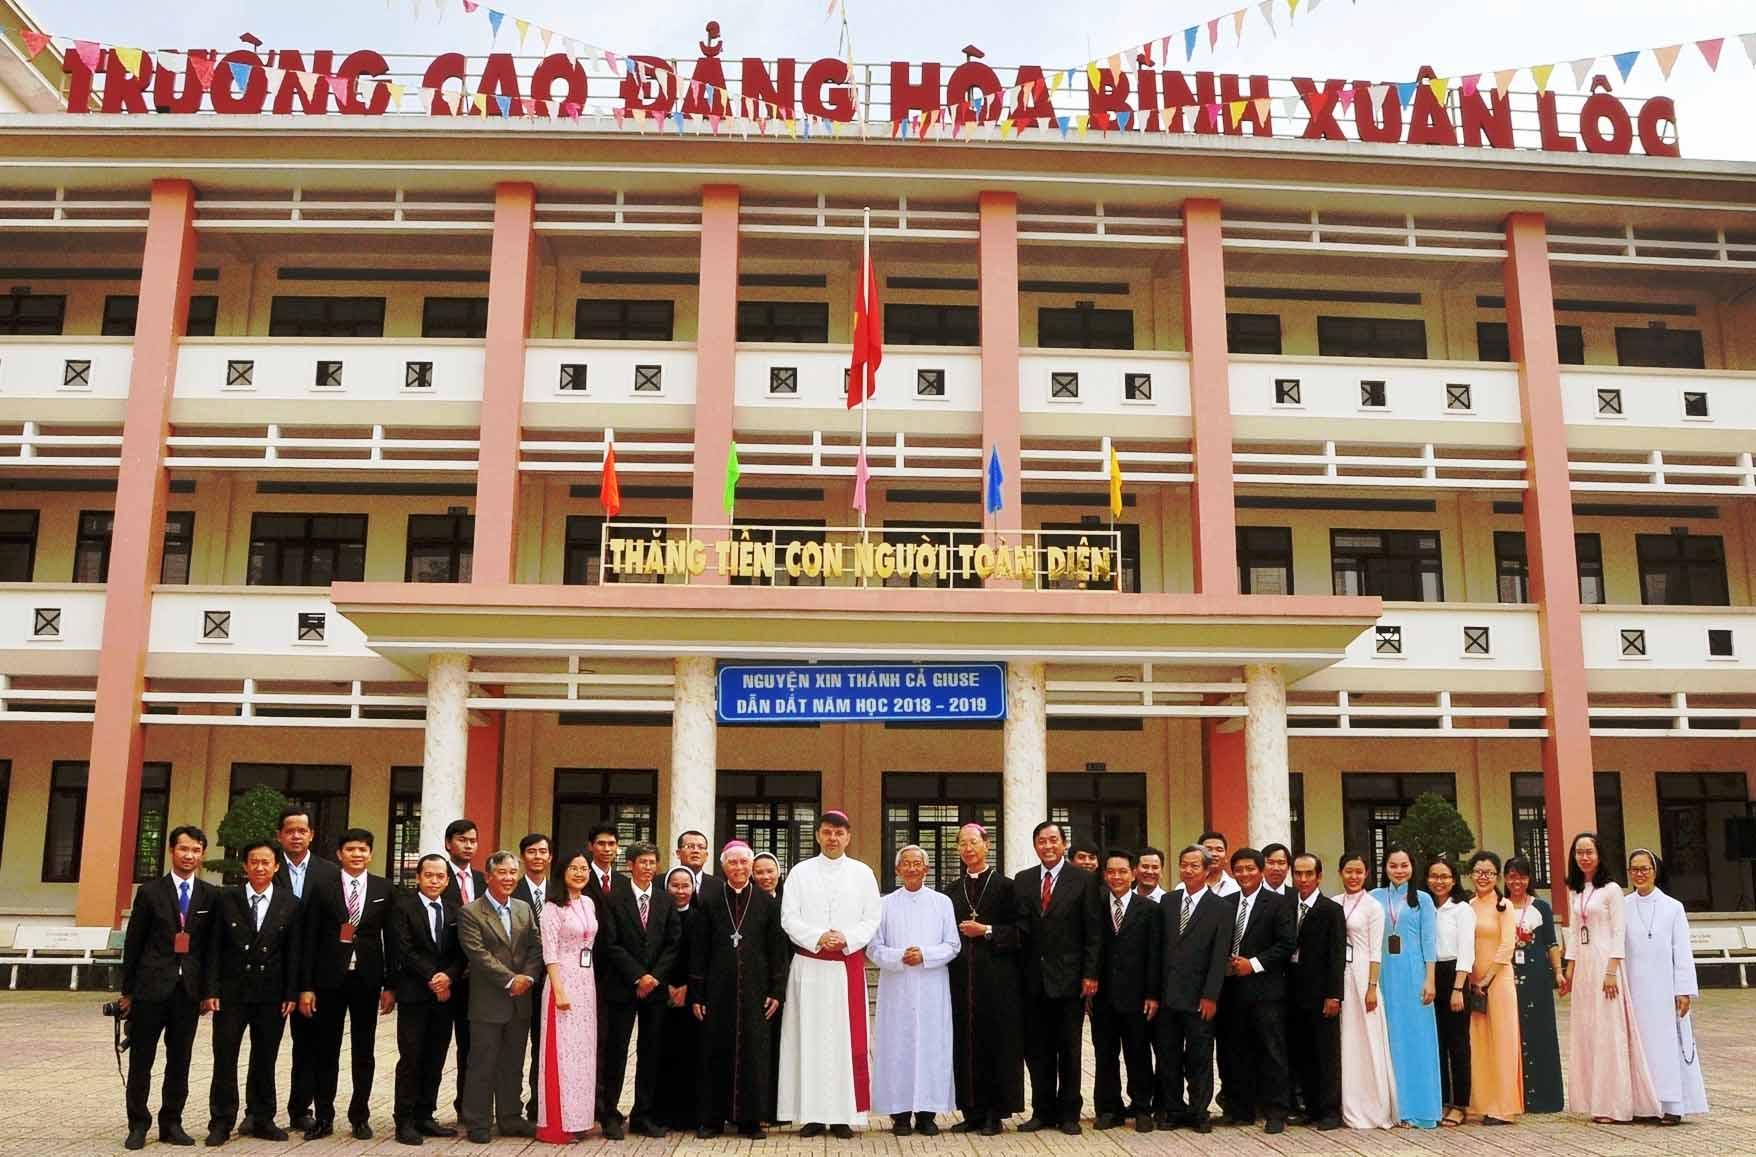 Thư Tuyển sinh năm học 2020-2021 trường Cao đẳng Hòa Bình Xuân Lộc